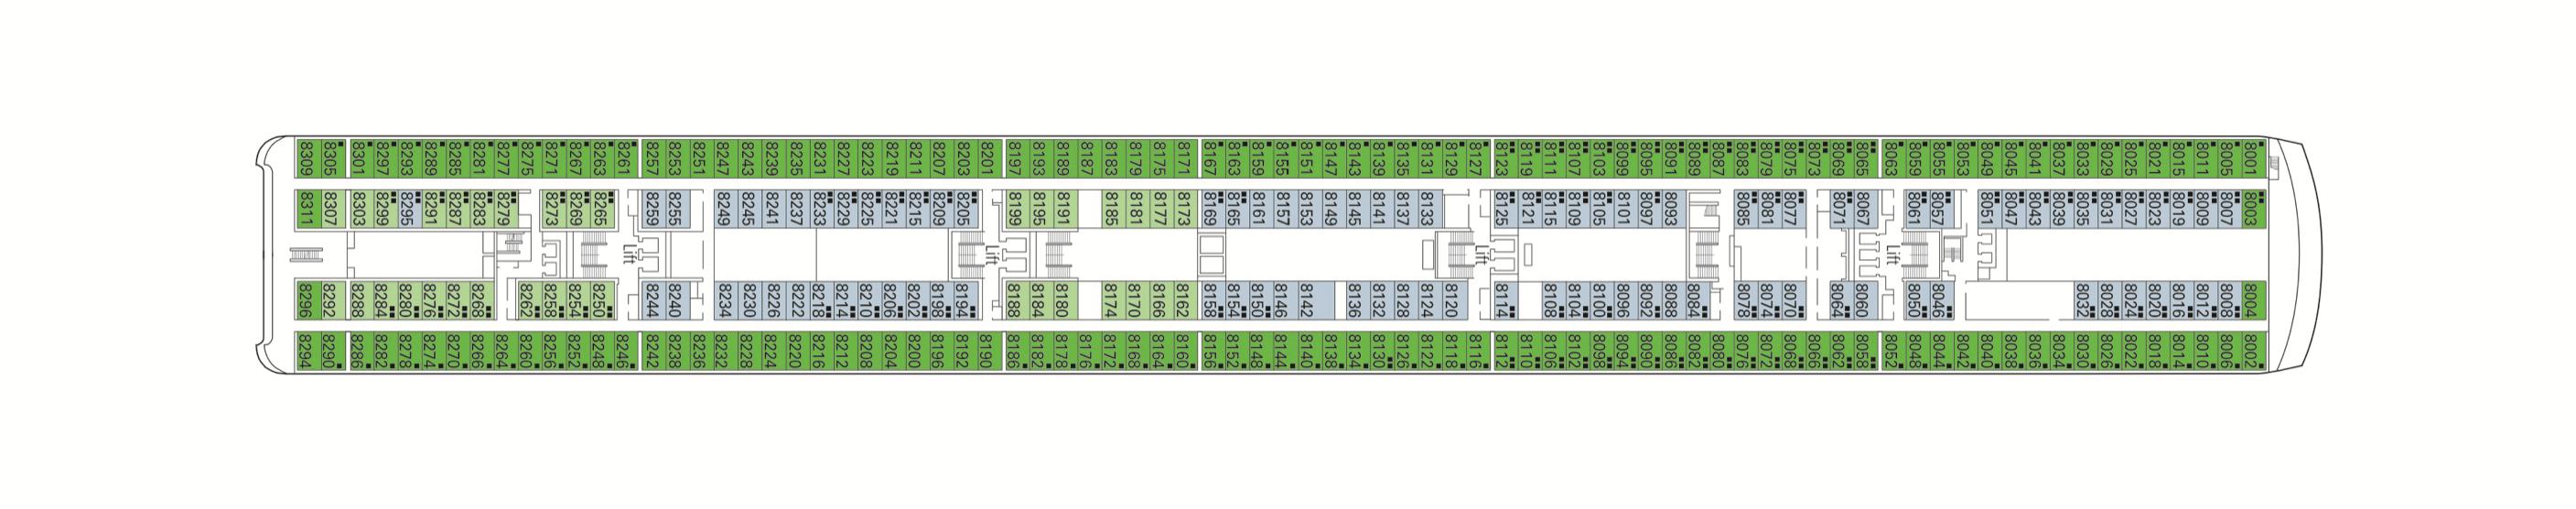 MSC Lirica Class Lirica Deck 8.jpg